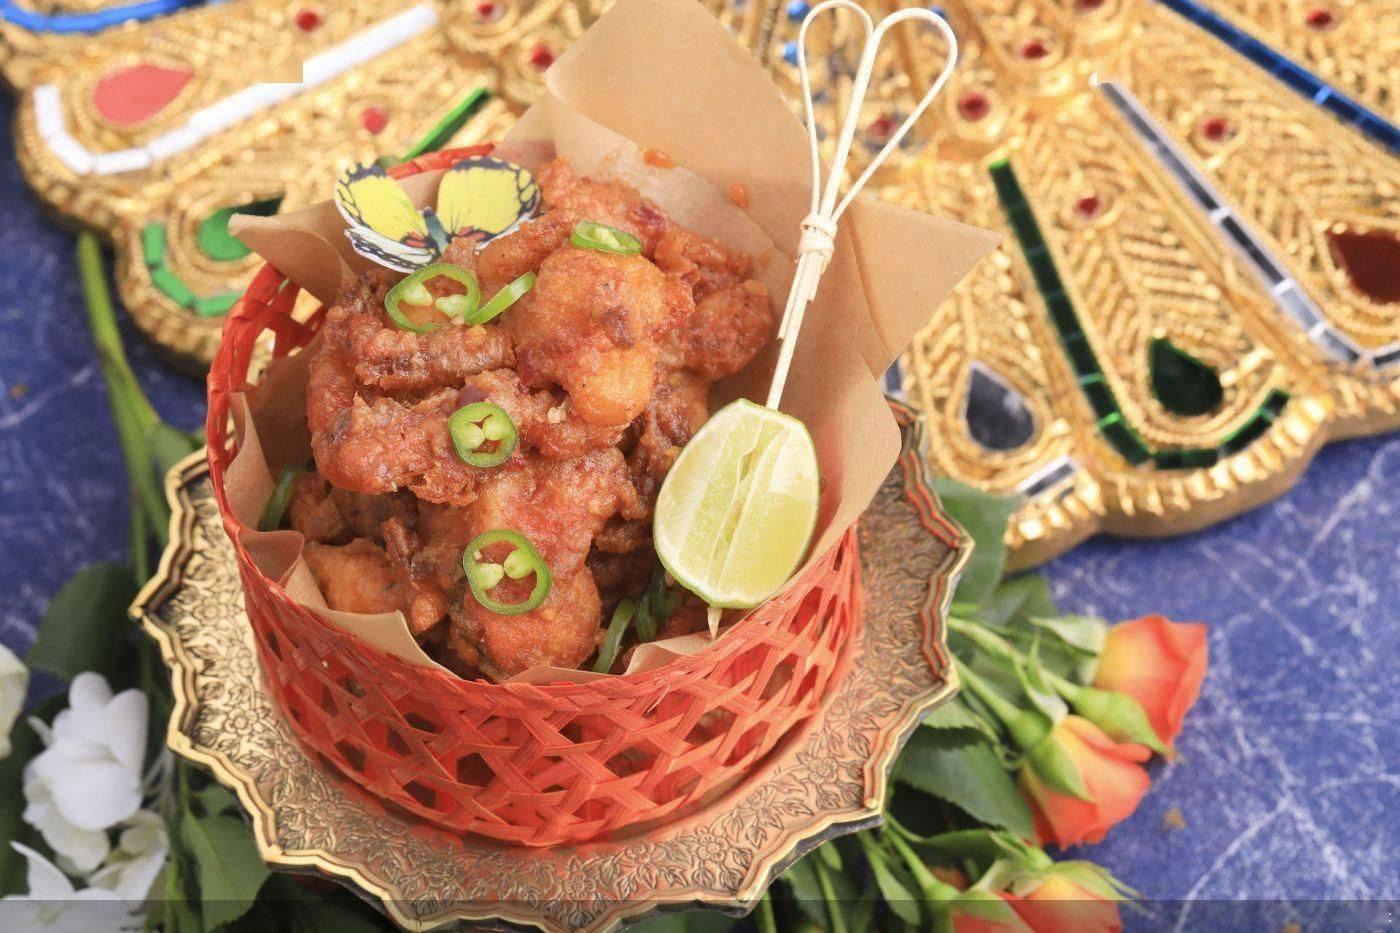 澳门威尼斯人网址官网:据先容漂亮泰邀请泰国著名米其林女主厨Purida 成隆行蟹王府米其林